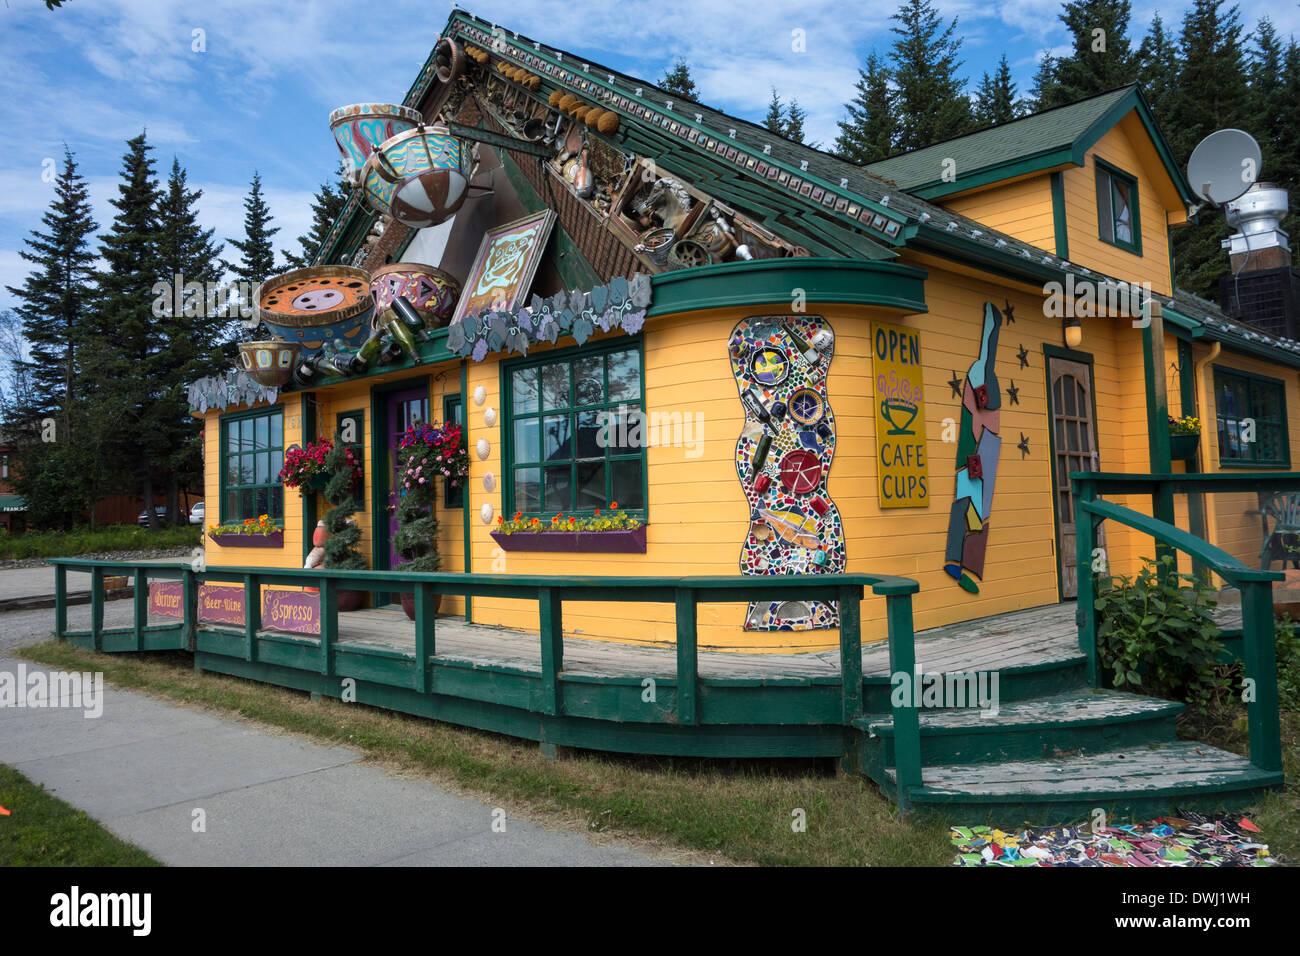 Storefront inusuale affascinante del Cafe Ristorante Cups, Omero, Alaska, STATI UNITI D'AMERICA Immagini Stock